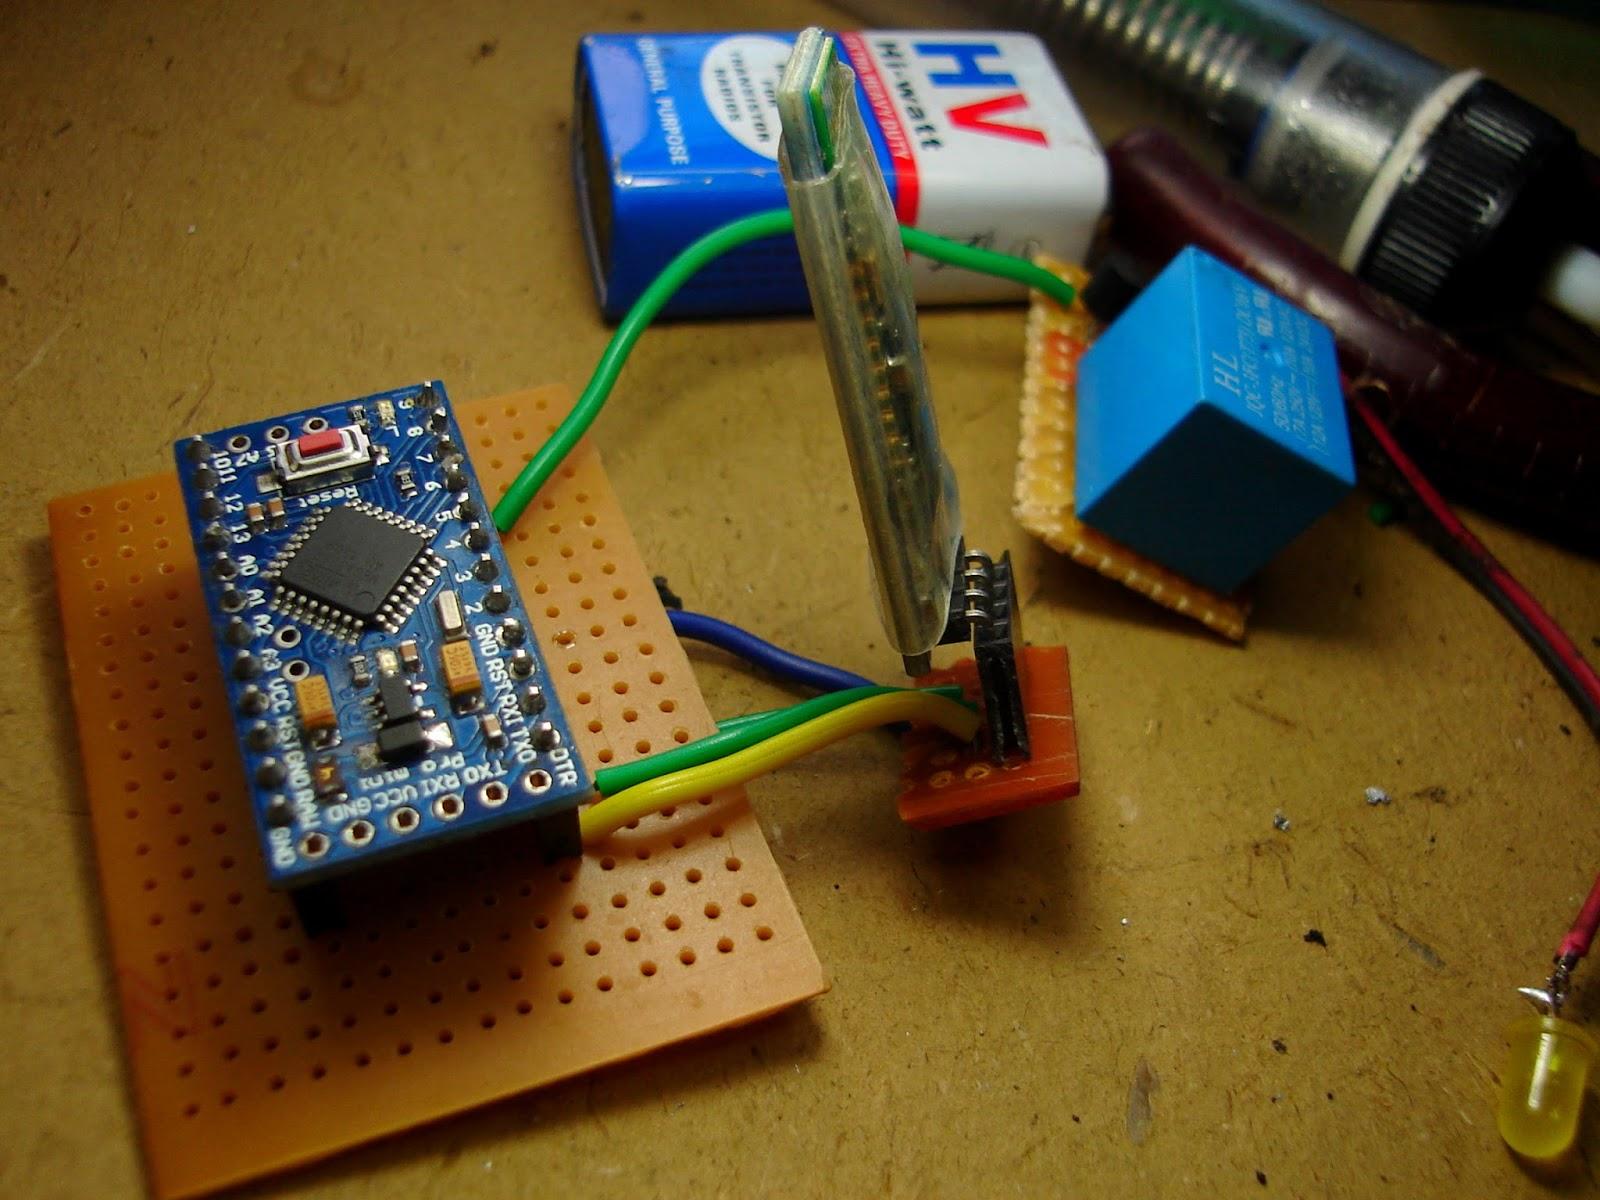 Circuit Diagram Maker Program